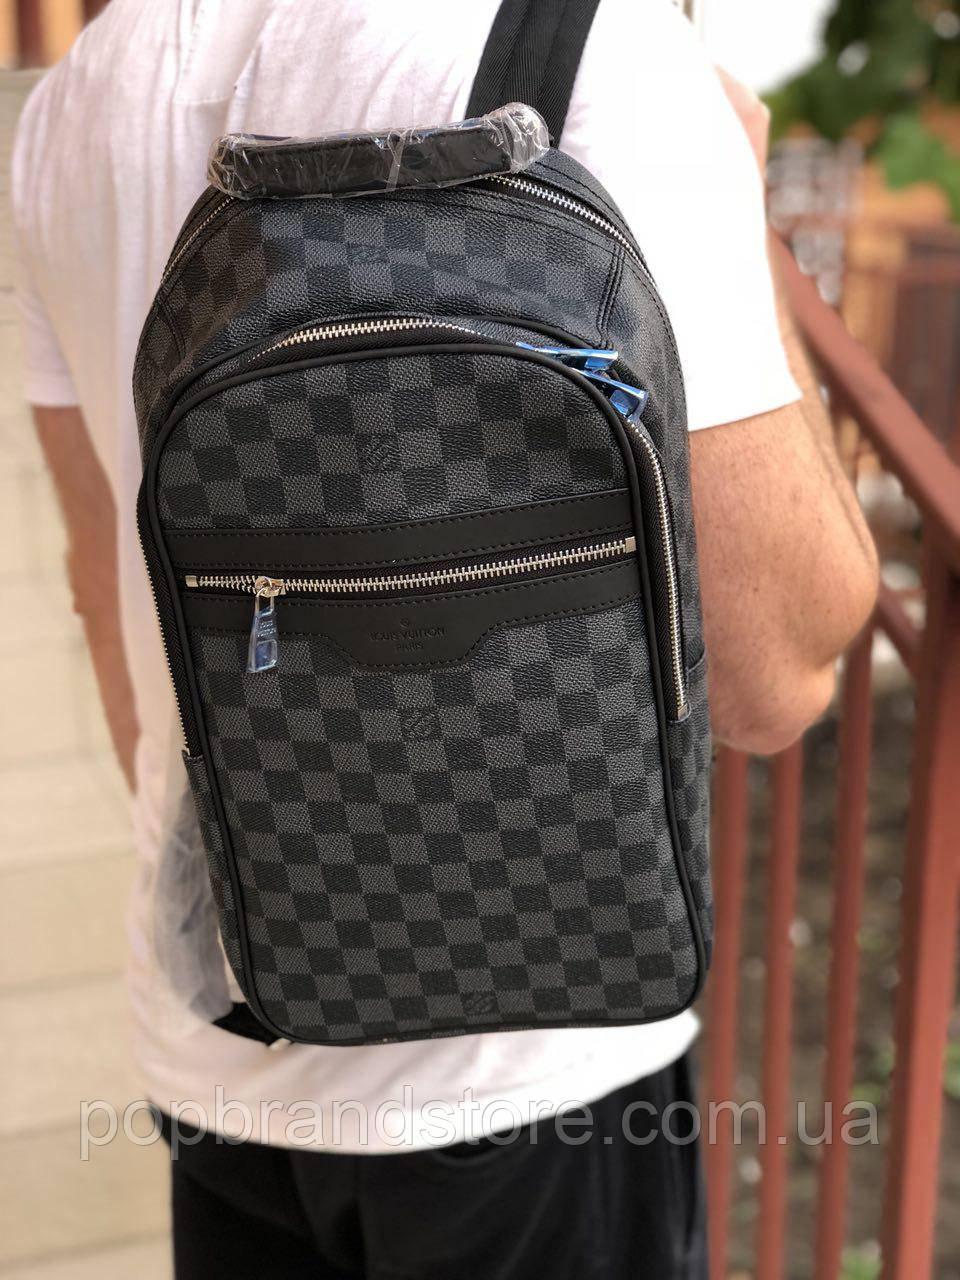 5d53a3ff19bf Крутой мужской рюкзак Louis Vuitton MICHAEL (реплика) - Pop Brand Store    брендовые